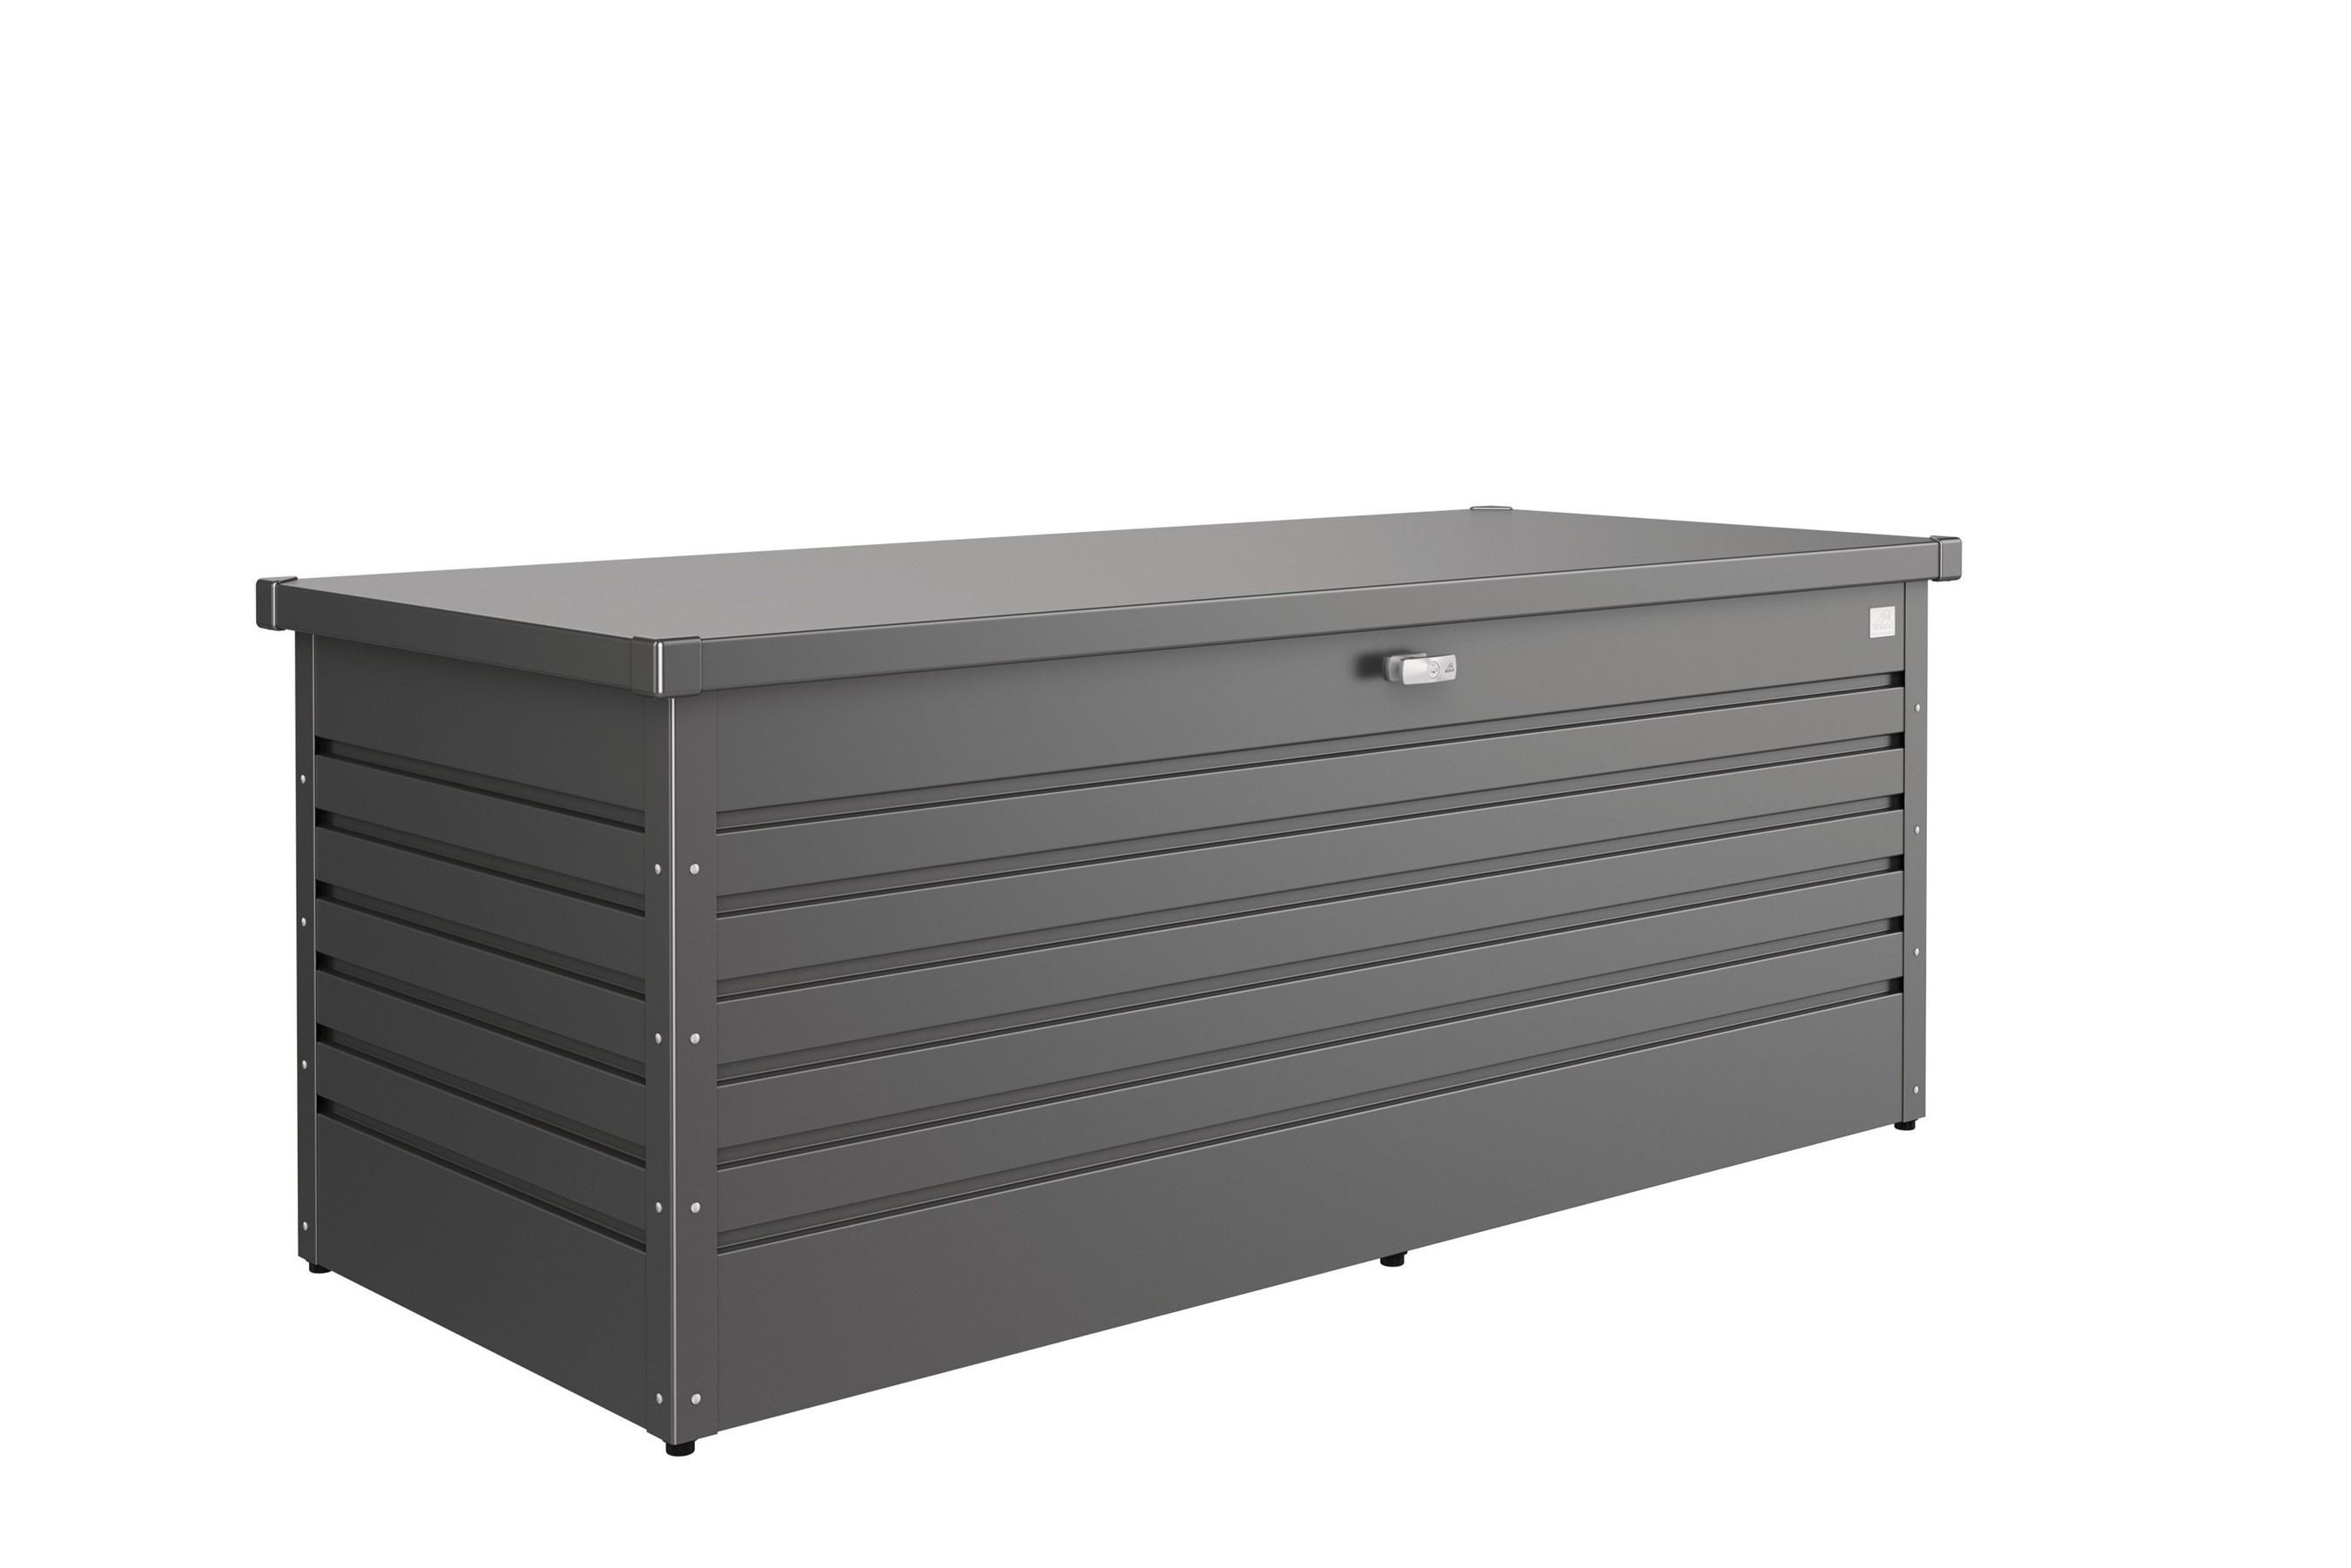 Gartenbox Auflagenbox Biohort Freizeitbox 180 dunkelgrau-metallic Bild 1